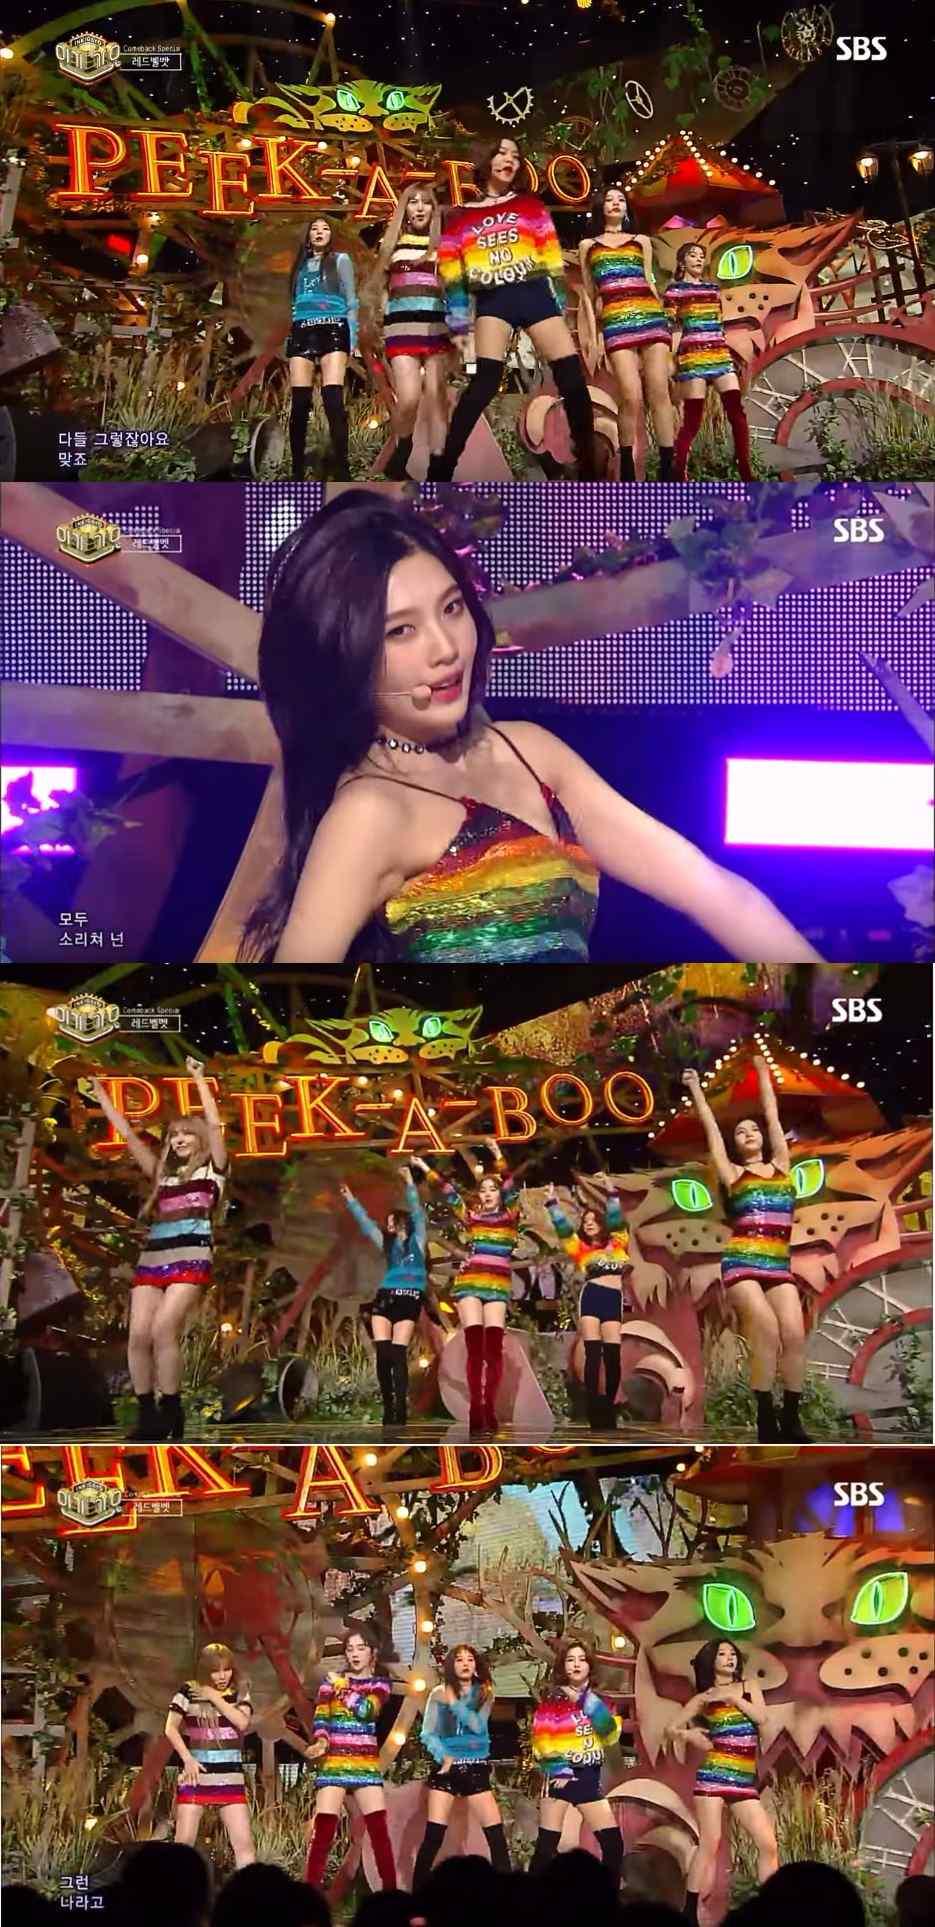 而從預告中公開後就一直受到粉絲注意的彩虹亮片裝,也在上一週的《人氣歌謠》中正式出場啦!(笑) 不過雖然大家都認為很漂亮,但是JOY的裙子卻讓觀看節目的粉絲一直處於戰戰兢兢的狀態,因為實在是有些太性感ㅠㅠ 隨著激烈的舞蹈動作的拉扯,JOY的裙子也變得越來越短,有幾度甚至比安全褲還短,讓粉絲們超級緊張的啊! 而即便服裝的問題,JOY依舊完美的地完成了舞台。